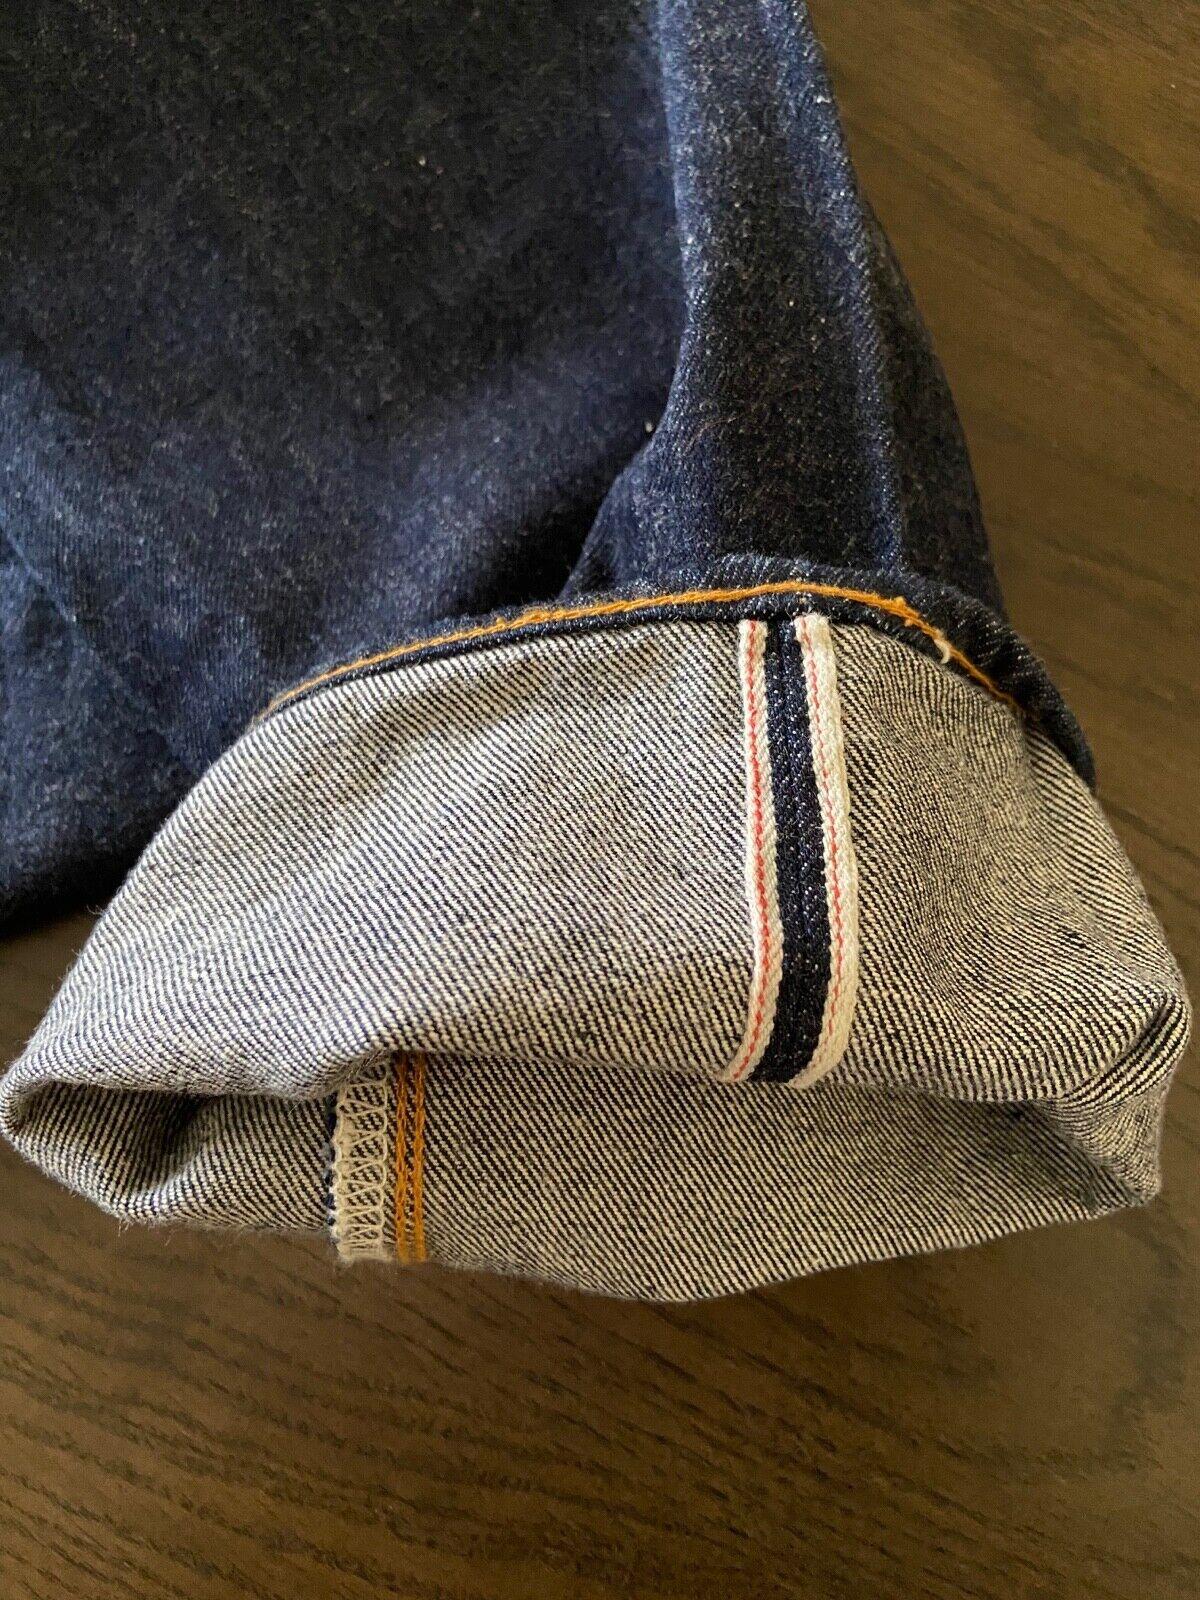 Vintage LEVIS 501 Big E Jeans Selvedge Redline Bu… - image 5